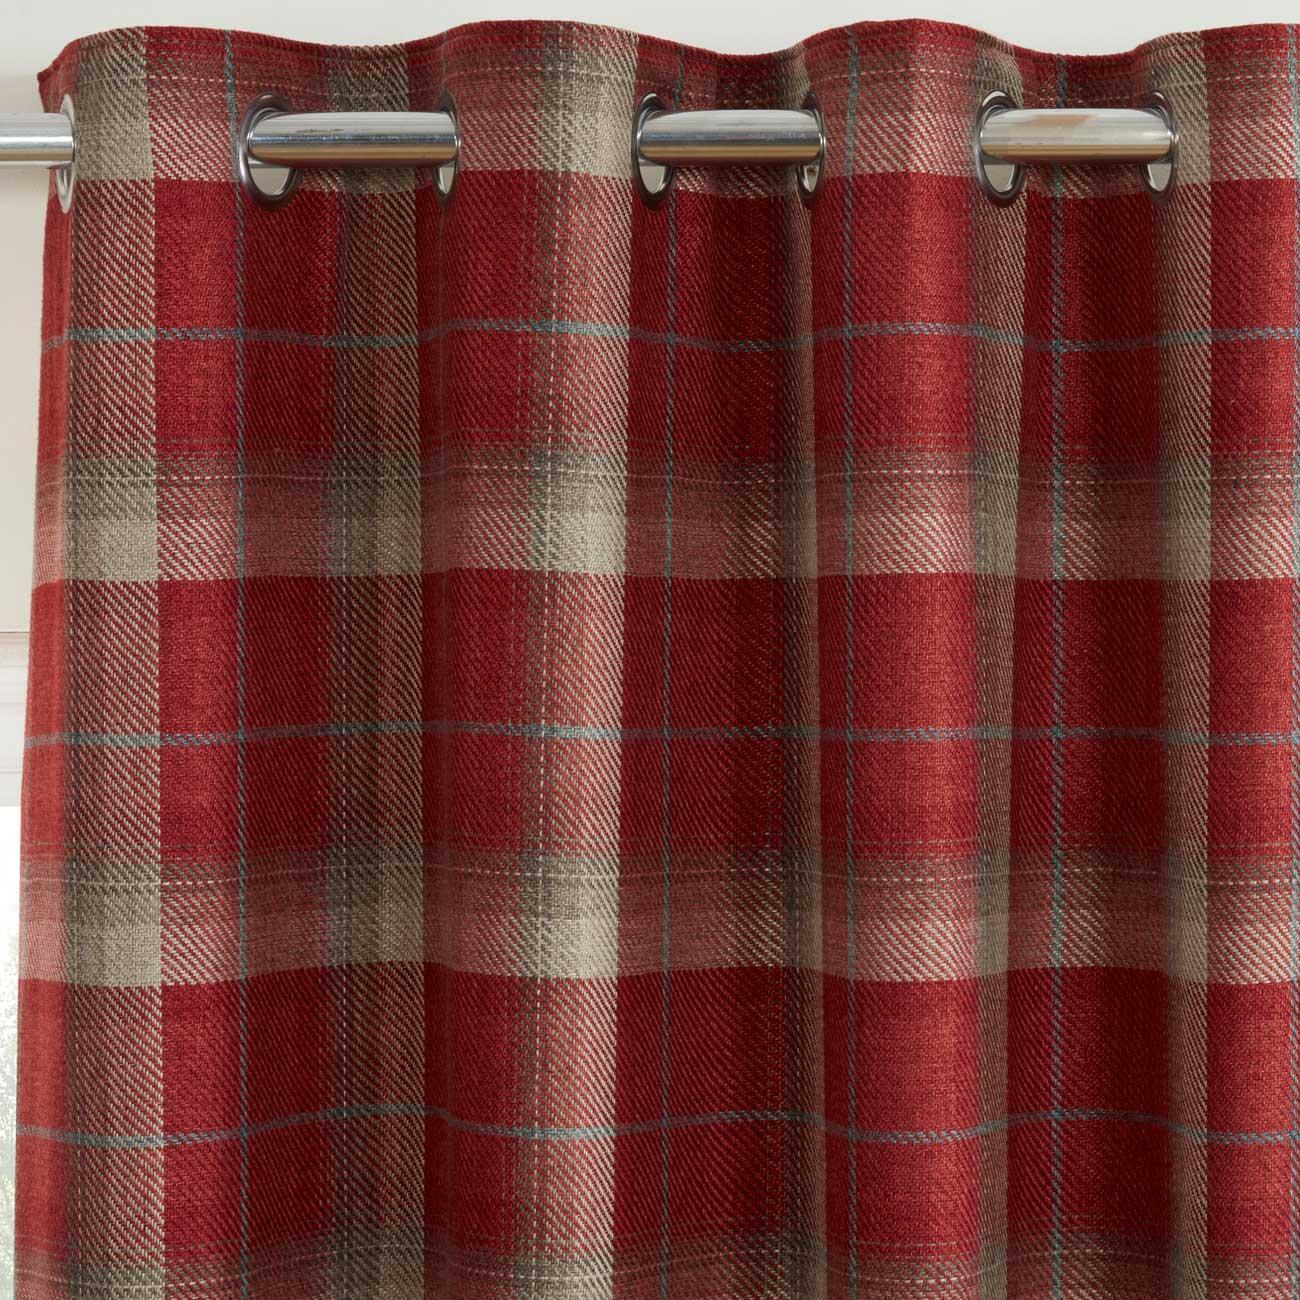 Cortinas-DE-ORIFICIOS-Rojo-Blackout-Tartan-Check-Ready-Made-acogedor-Anillo-Superior-Cortina-Pares miniatura 13